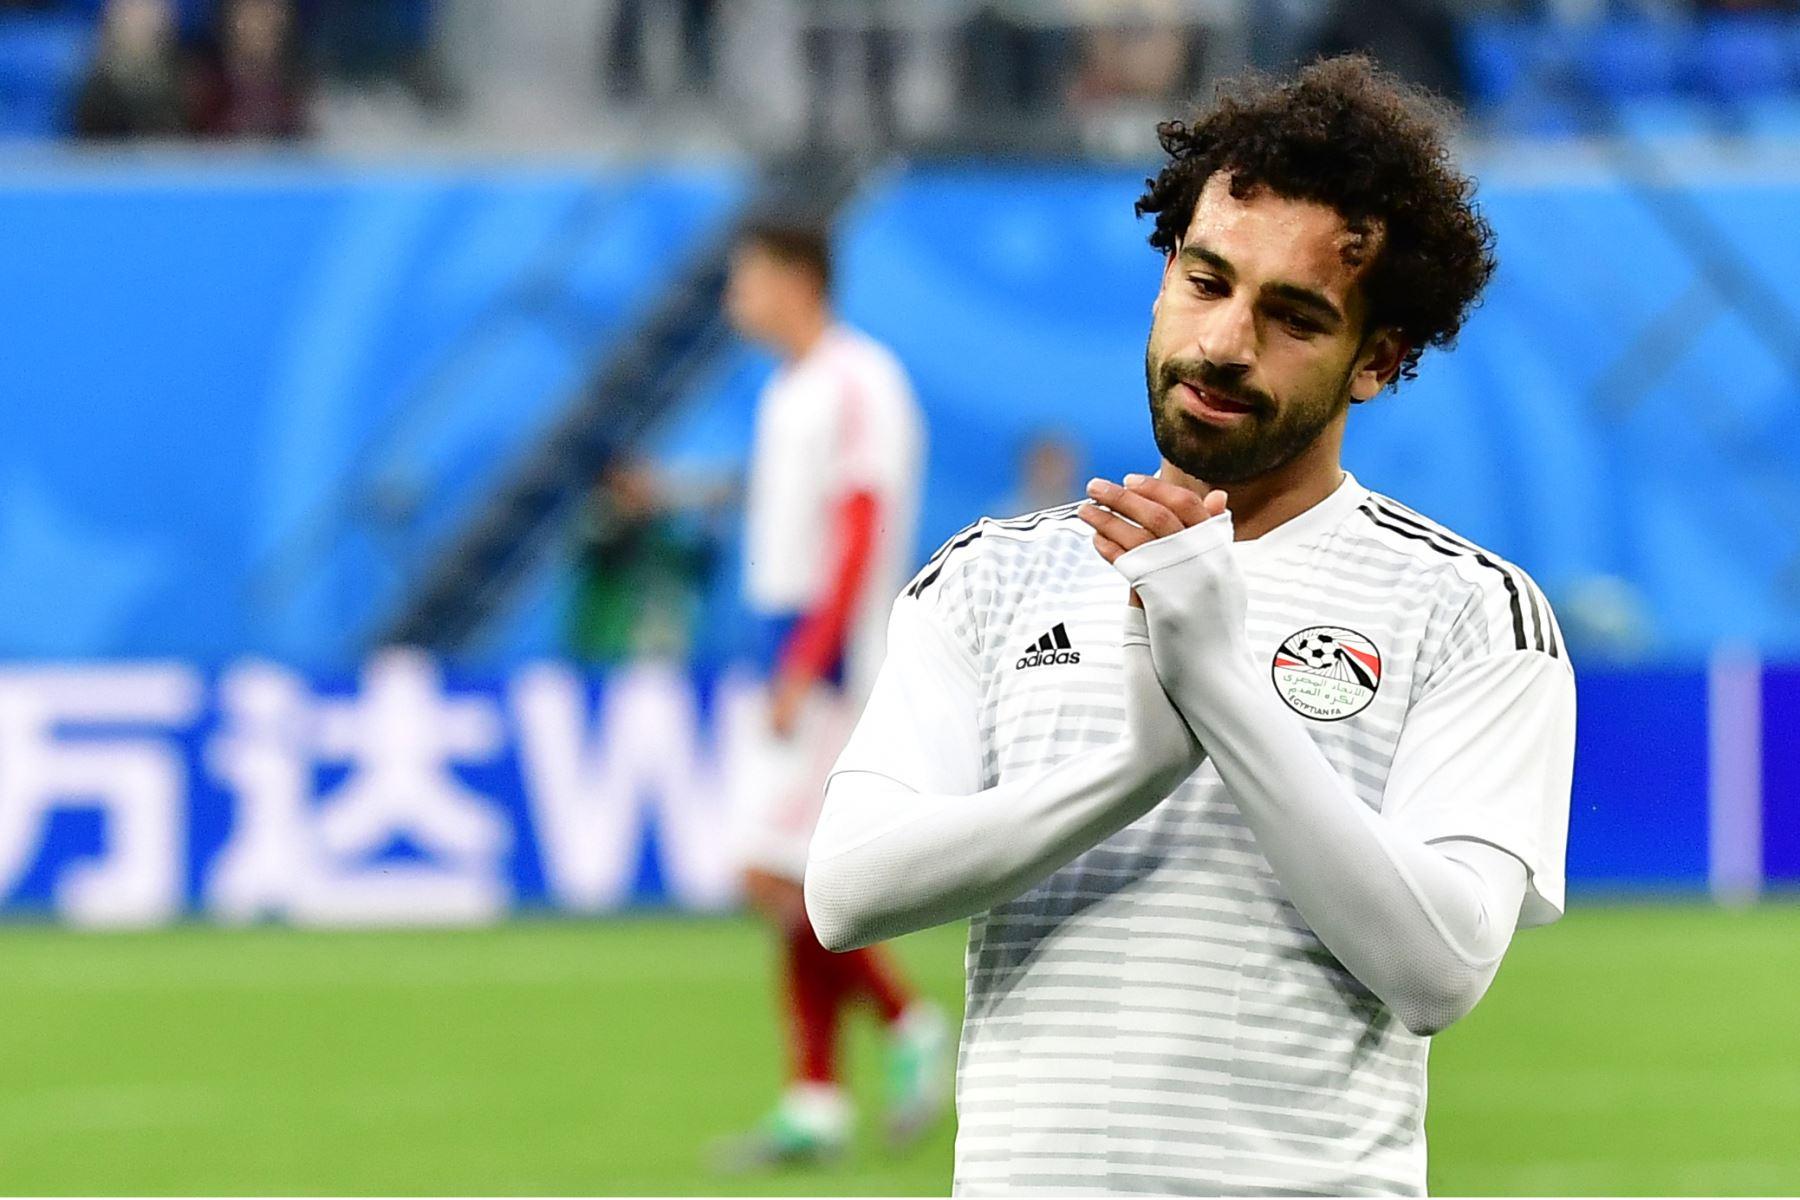 El delantero egipcio Mohamed Salah se calienta antes del partido de fútbol del Grupo A de Rusia entre Rusia y Egipto en el estadio de San Petersburgo el 19 de junio de 2018. / AFP